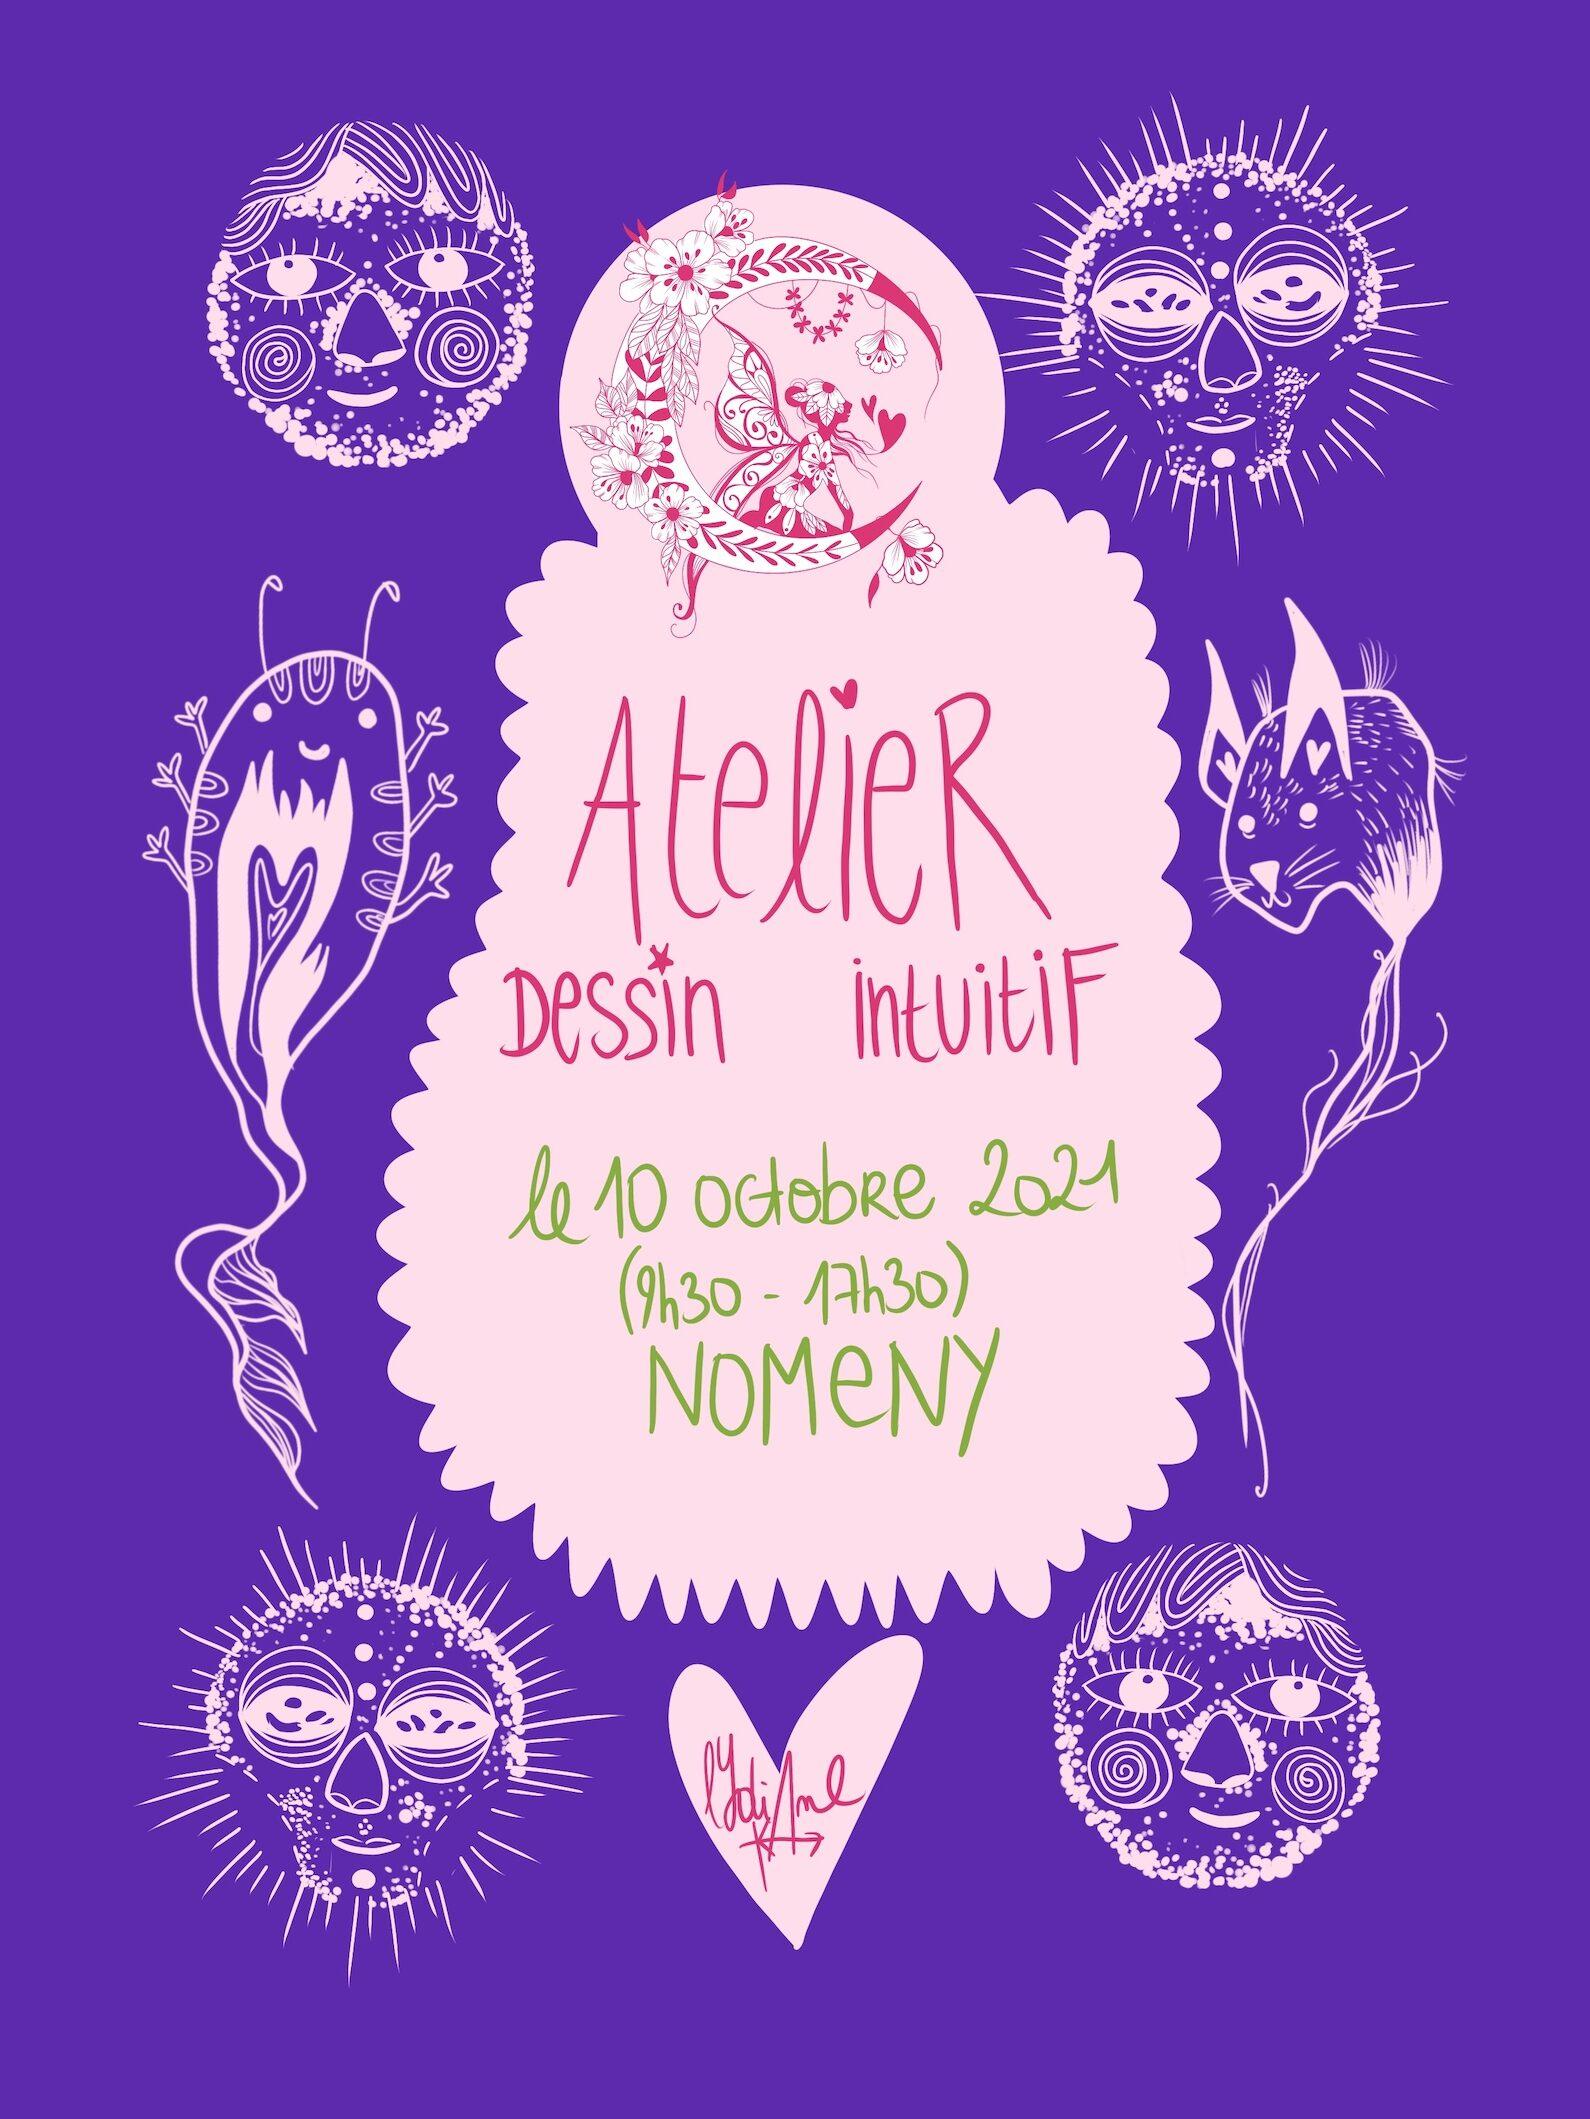 Affiche de l'évènement Atelier Dessin Intuitif